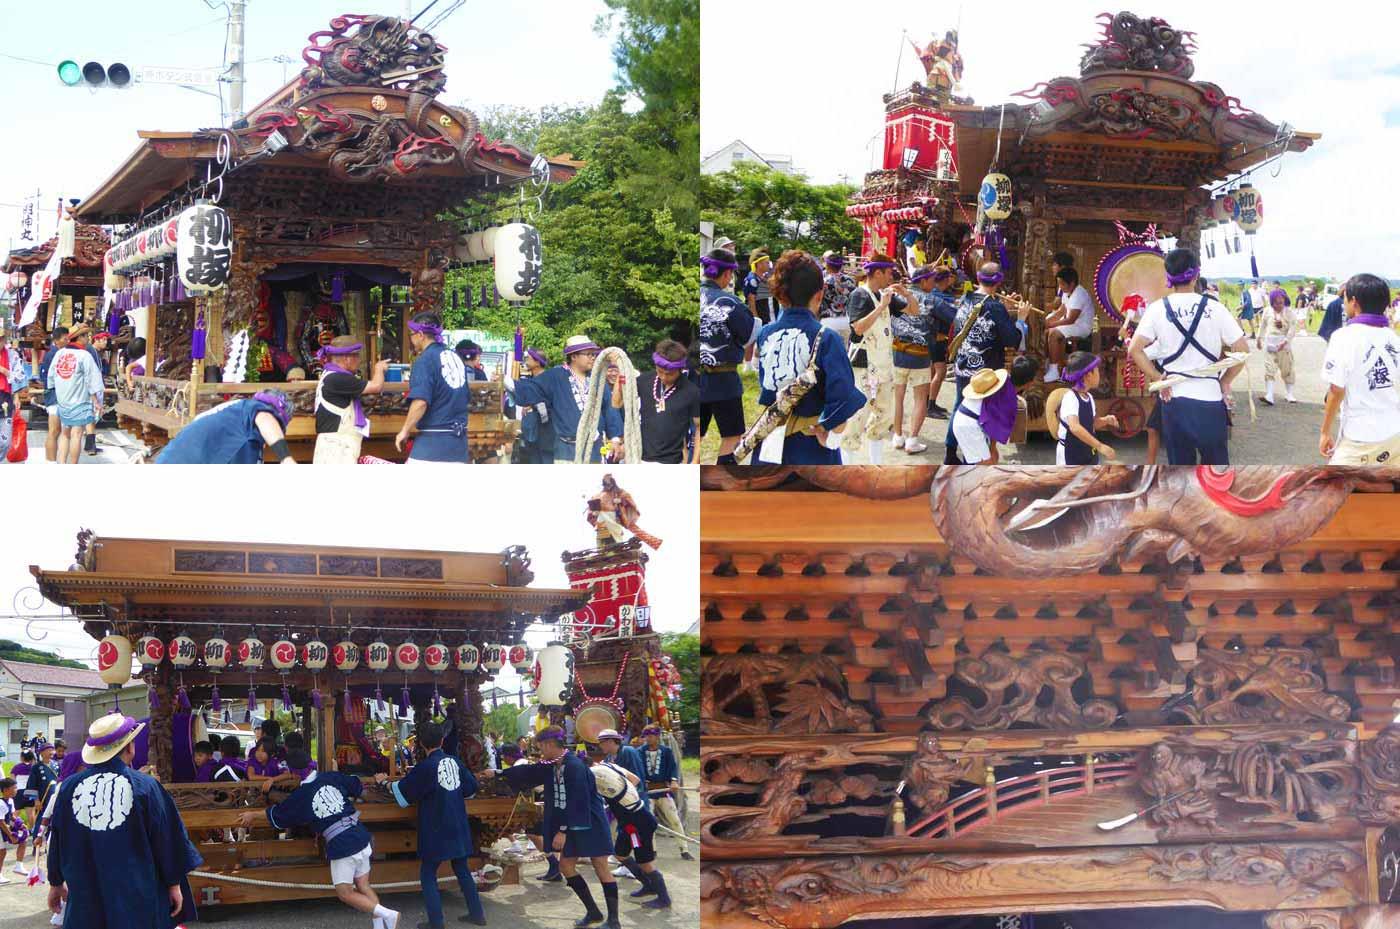 船形諏訪神社例祭 柳塚区の屋台